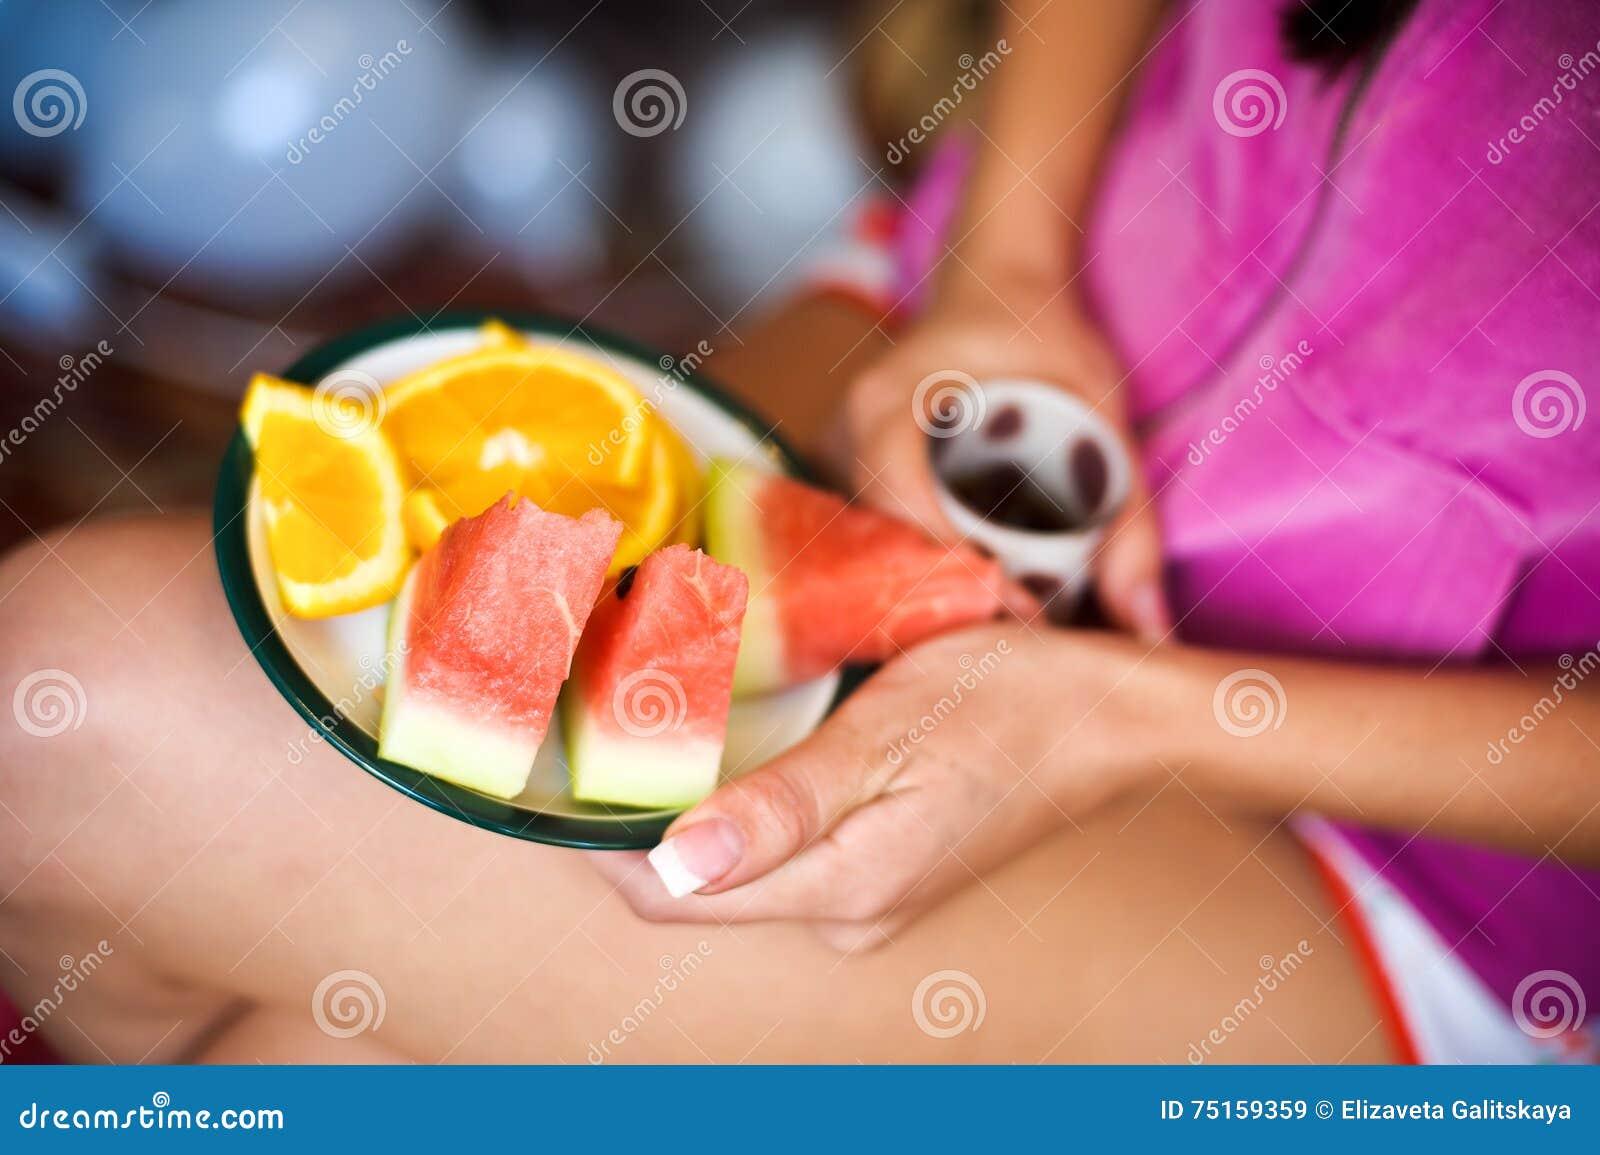 Молодая женщина держит плиту с арбузами и апельсинами